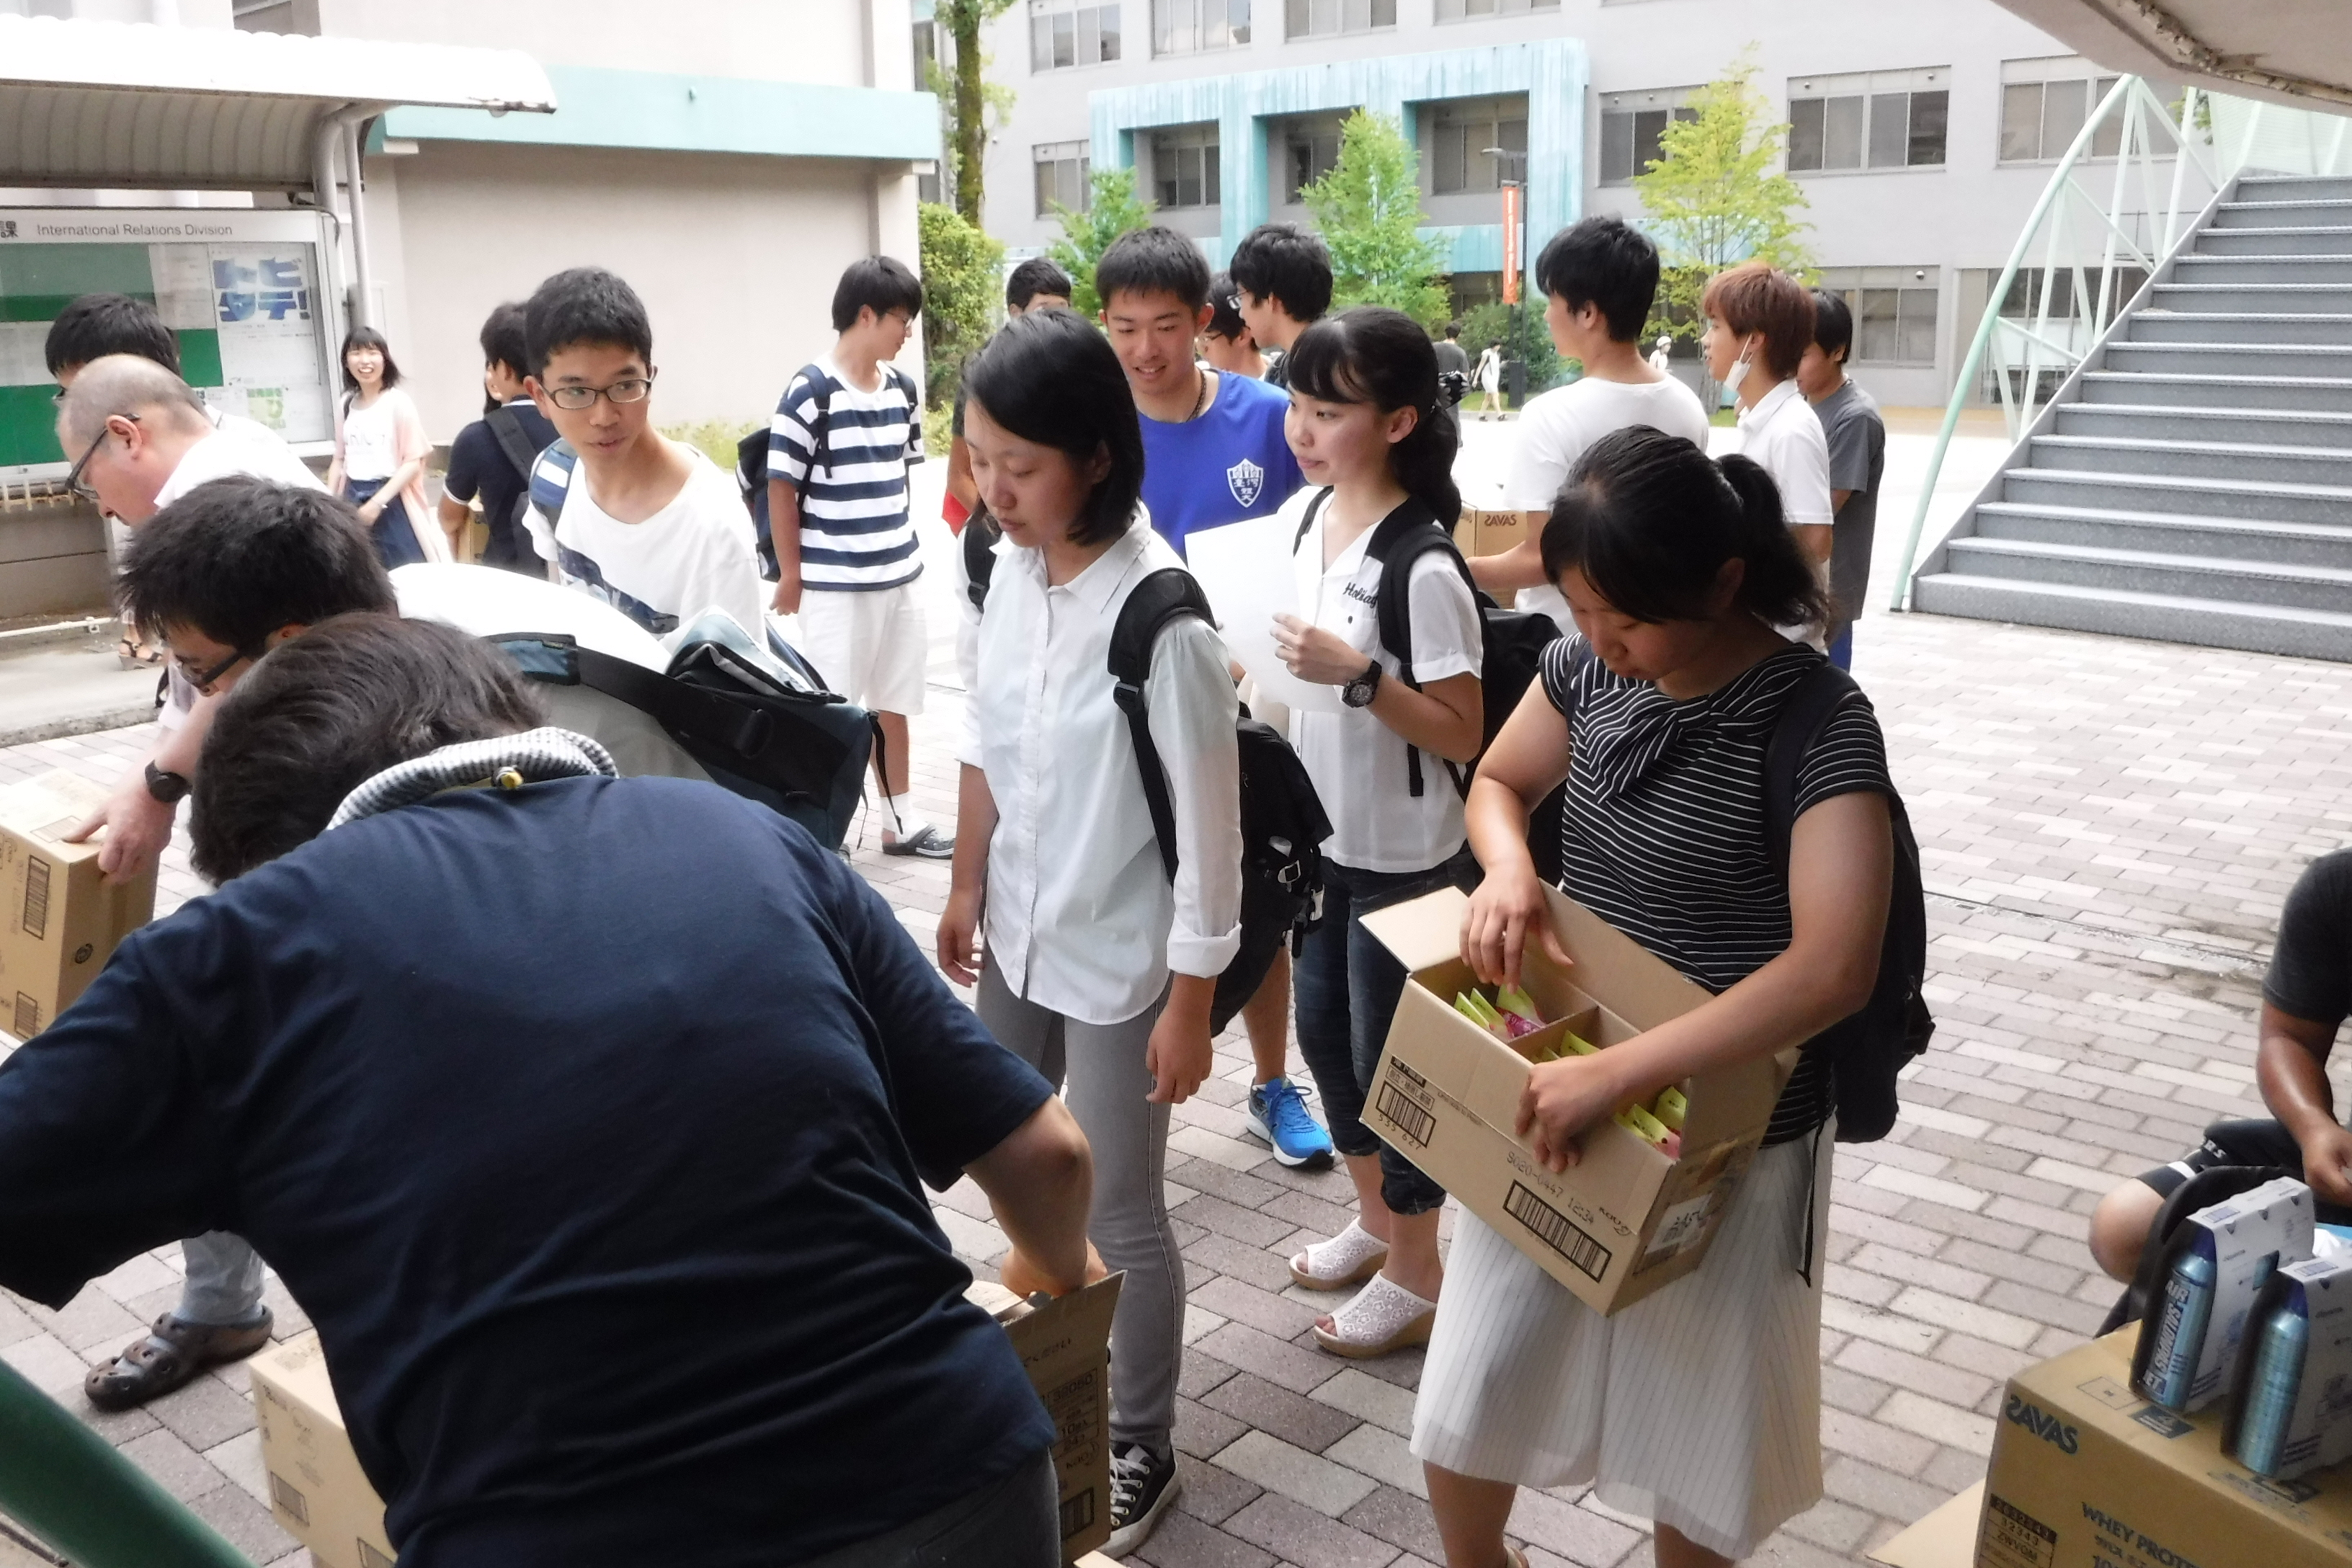 寄附物品を受取に来た学生達の様子の写真です